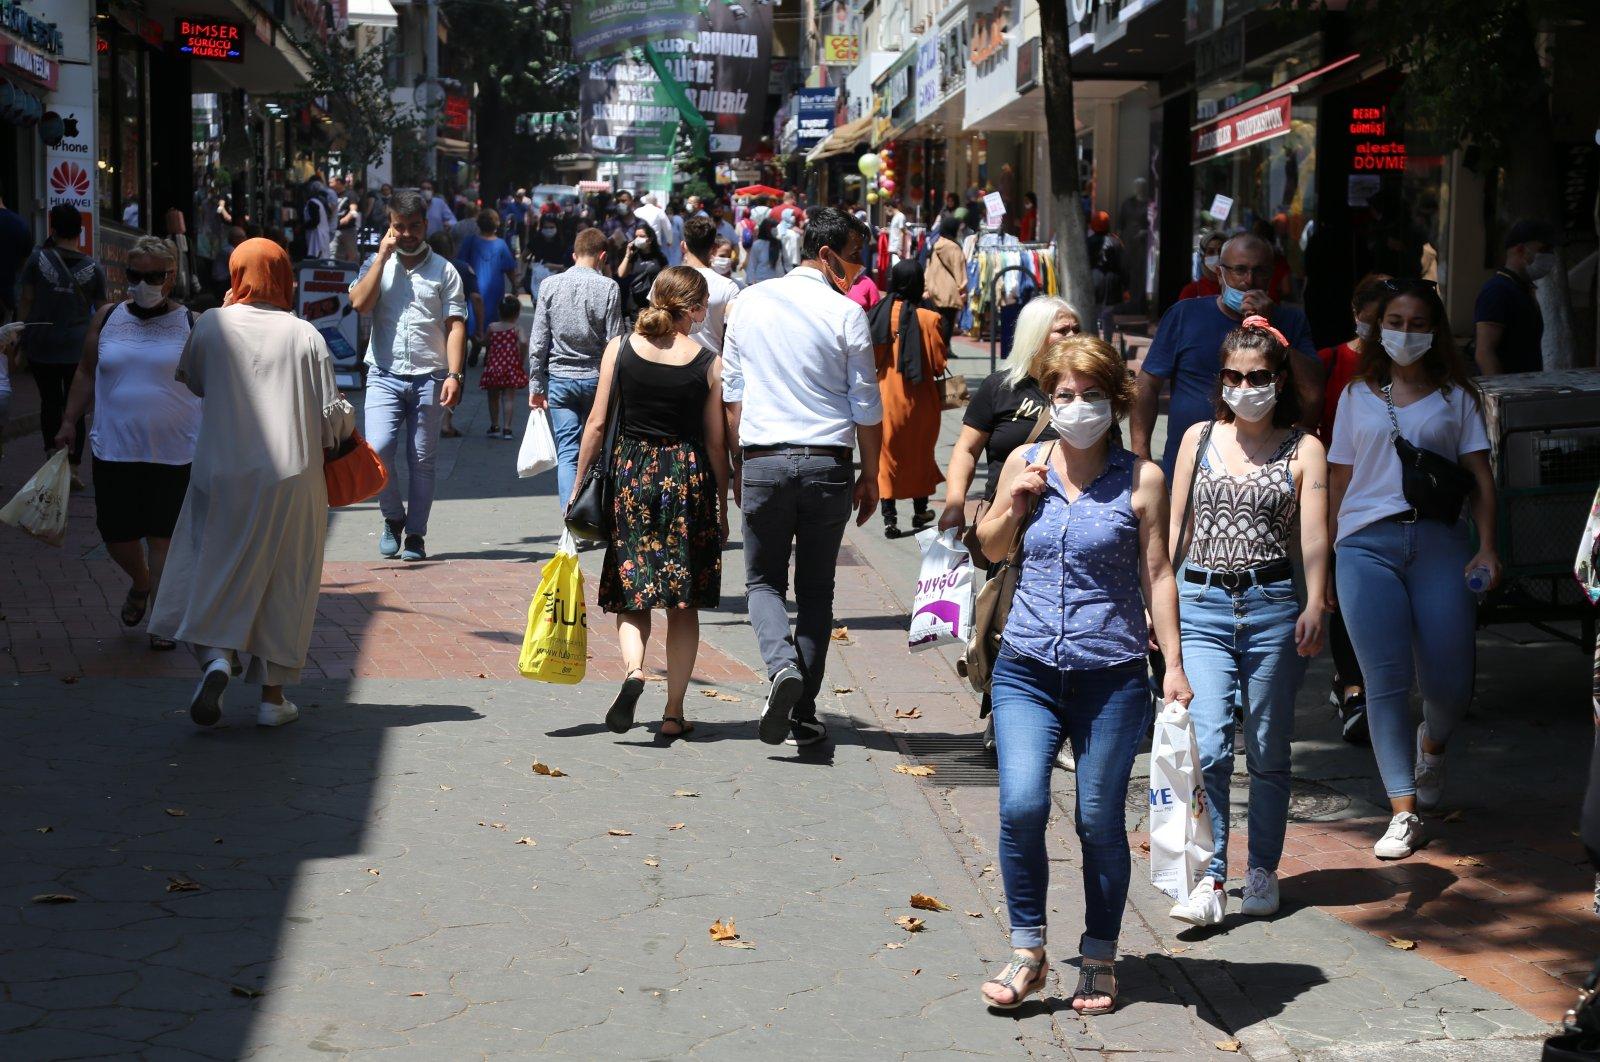 People wearing masks walk on a street in Kocaeli, in northwestern Turkey, July 22, 2020. (IHA Photo)